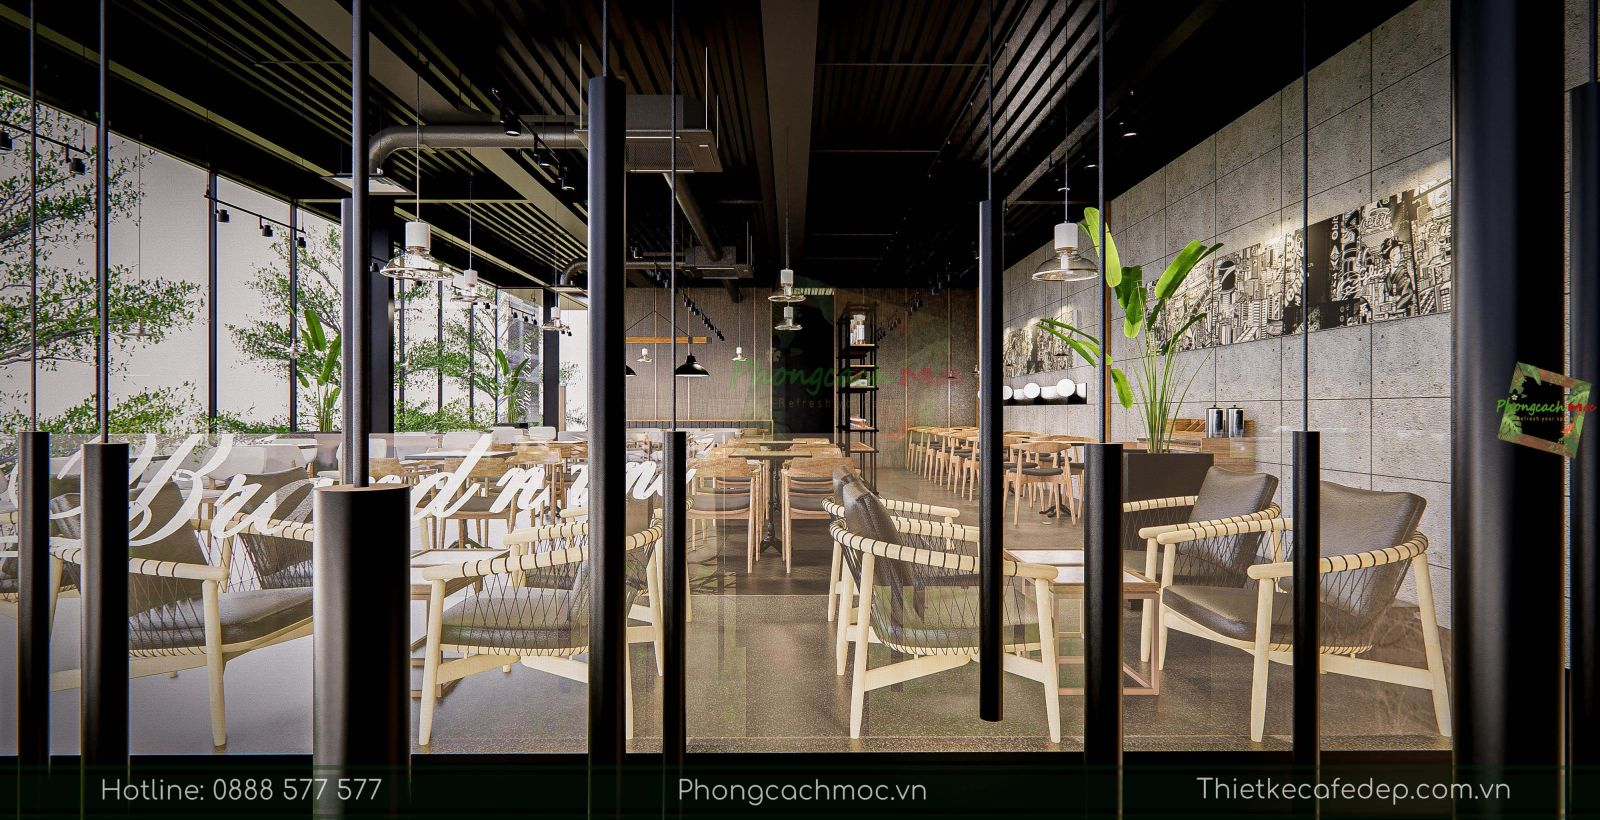 thiet-ke-quan-cafe-hien-dai-bien-hoa-5